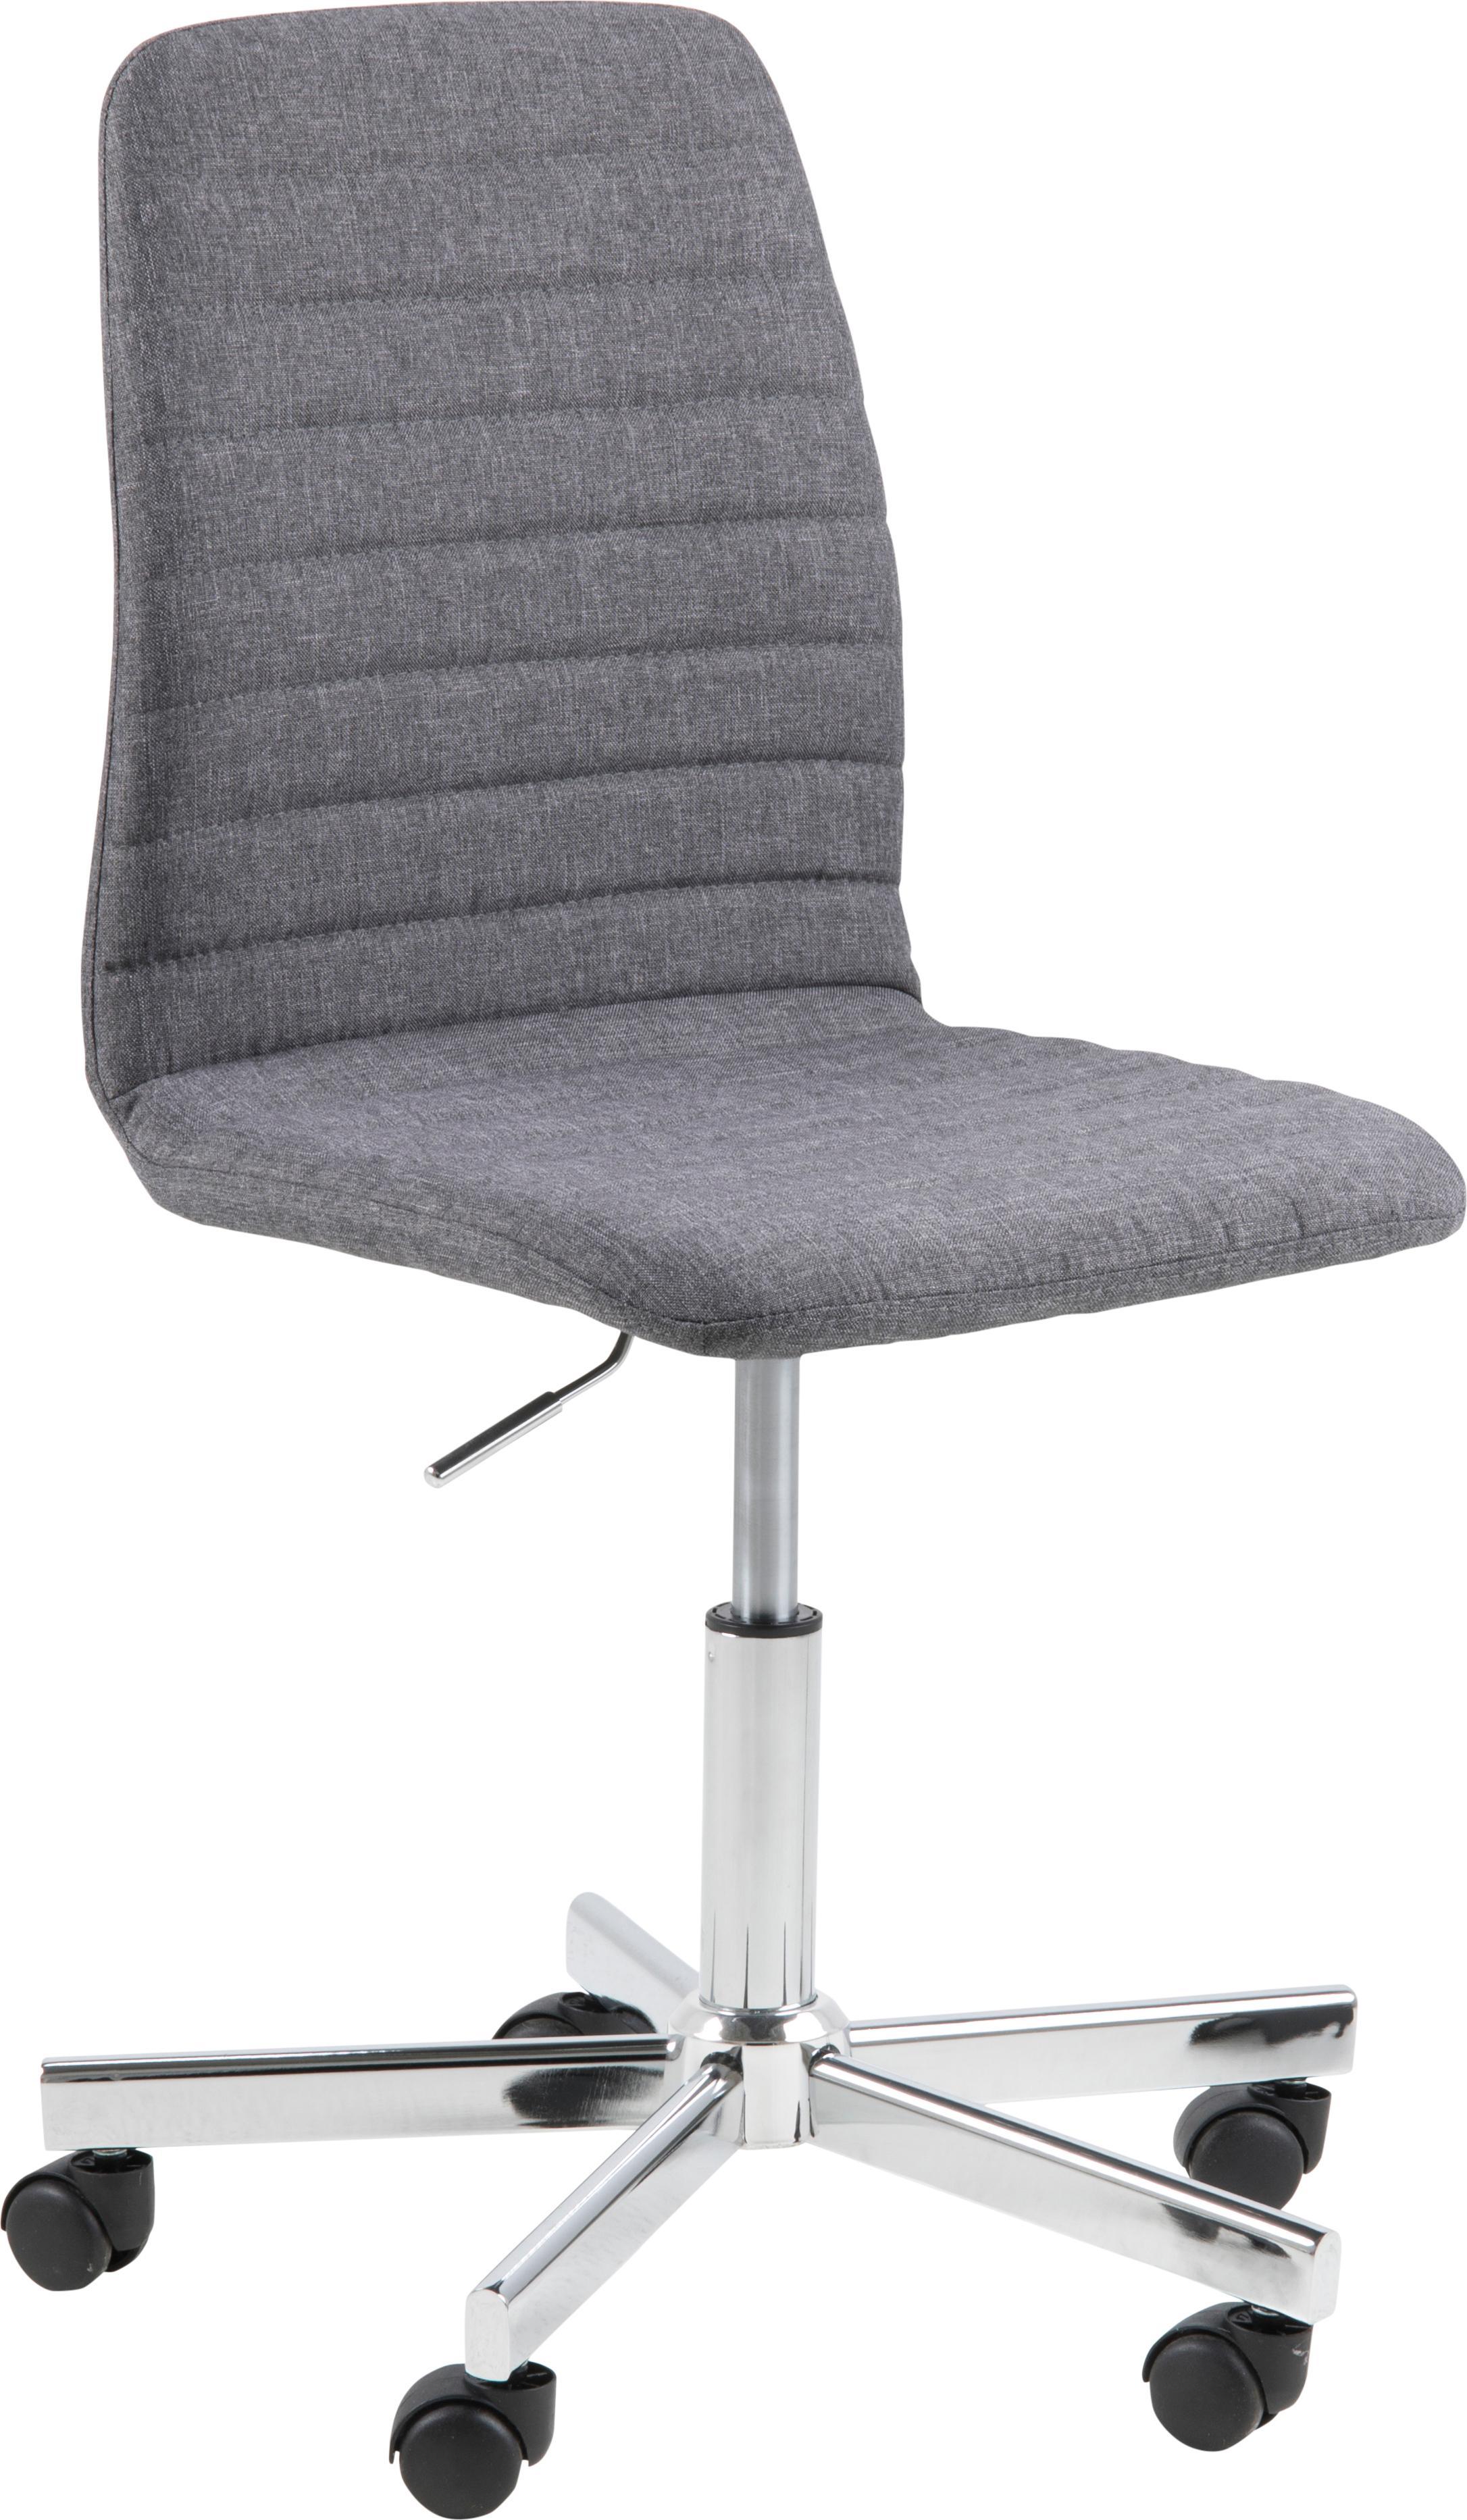 Bürodrehstuhl Amanda, Bezug: Polyester, Beine: Metall, verchromt, Rollen: Kunststoff, Grau, Chrom, B 61 x  T 52 cm